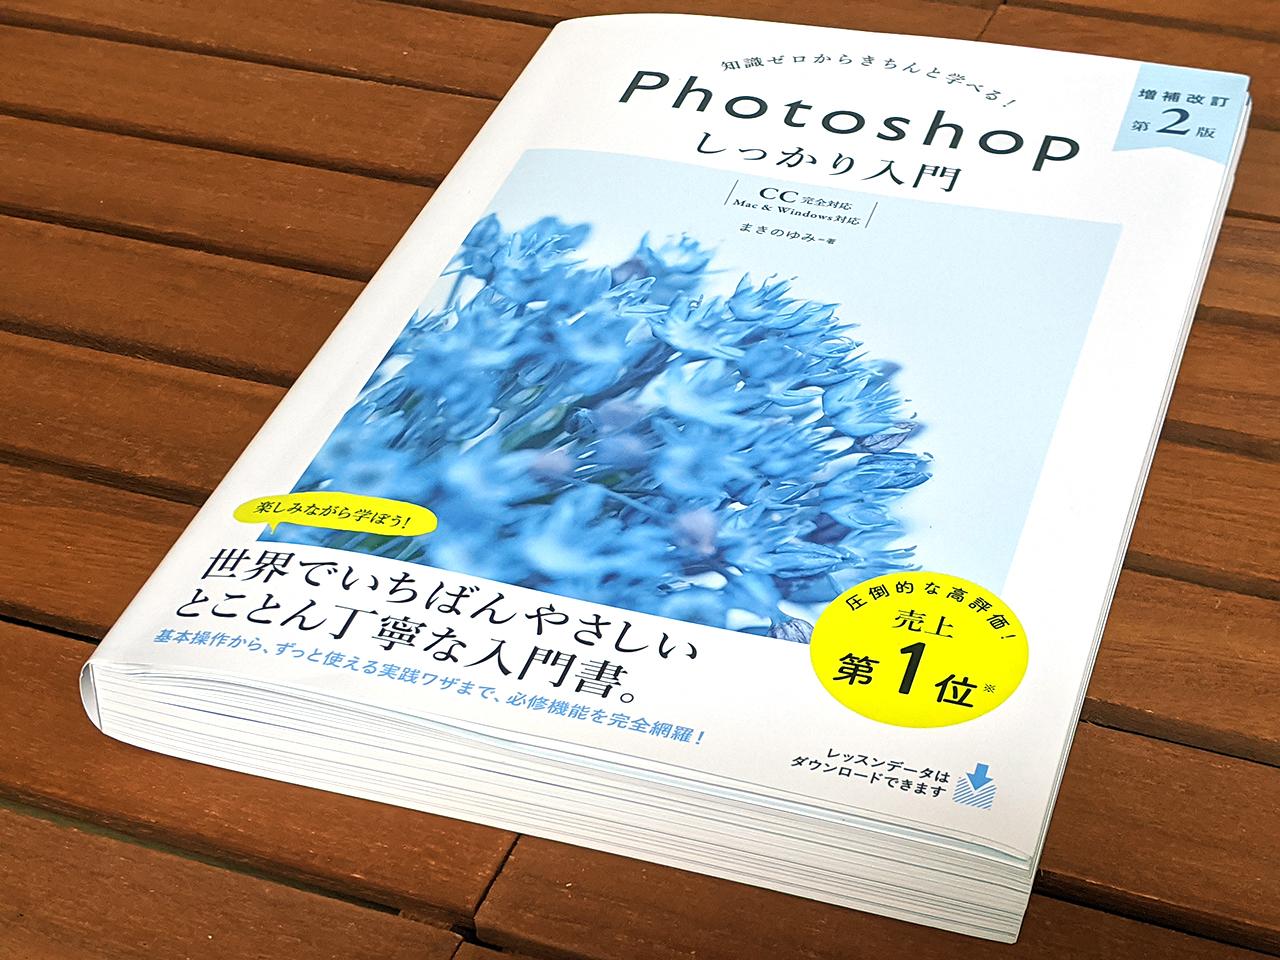 247ページもある「Photoshopしっかり入門」が、意外とサクサク進む!